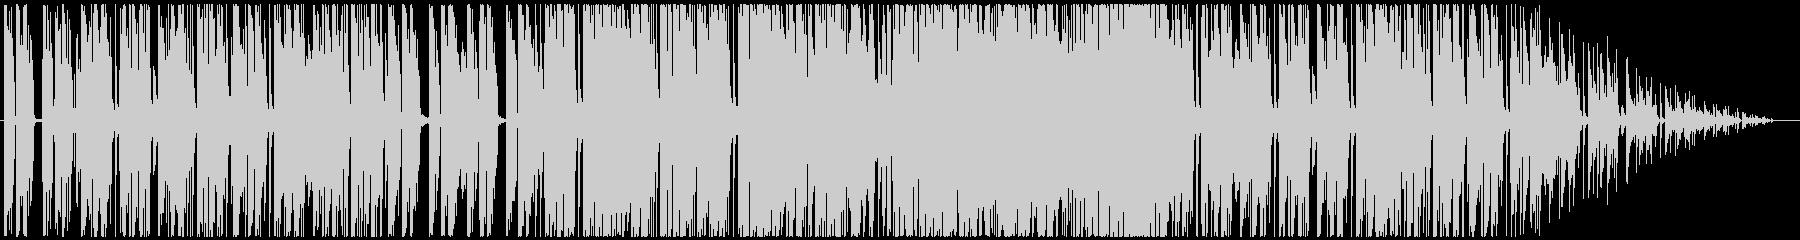 おしゃれなカフェフュージョンの未再生の波形